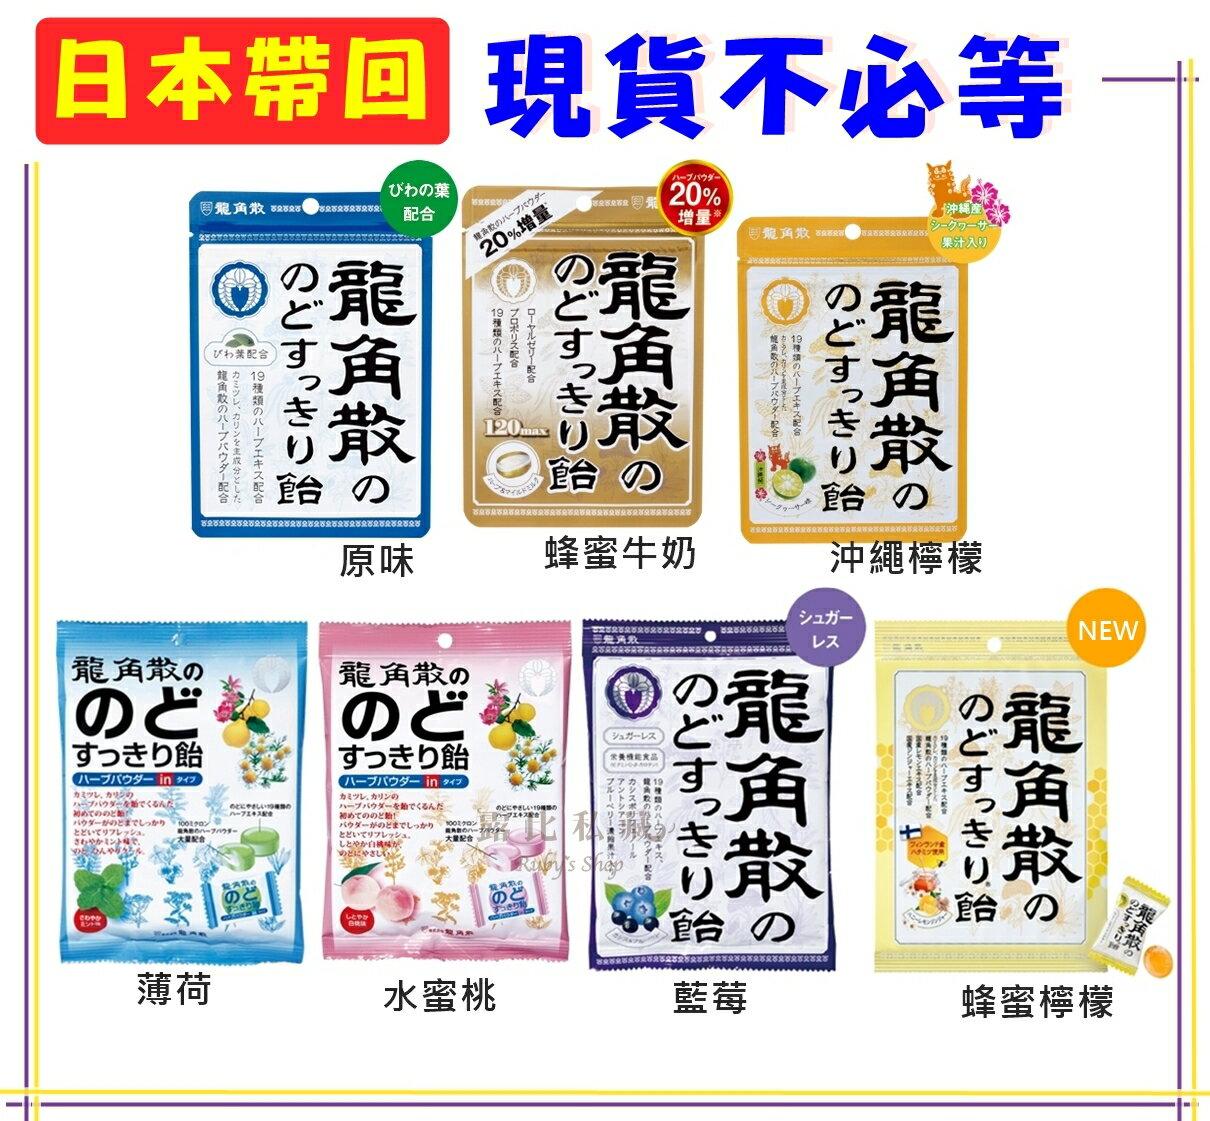 ∥露比私藏∥【日本代購】龍角散袋裝喉糖-清爽柚子/藍梅/水蜜桃/薄荷/原味